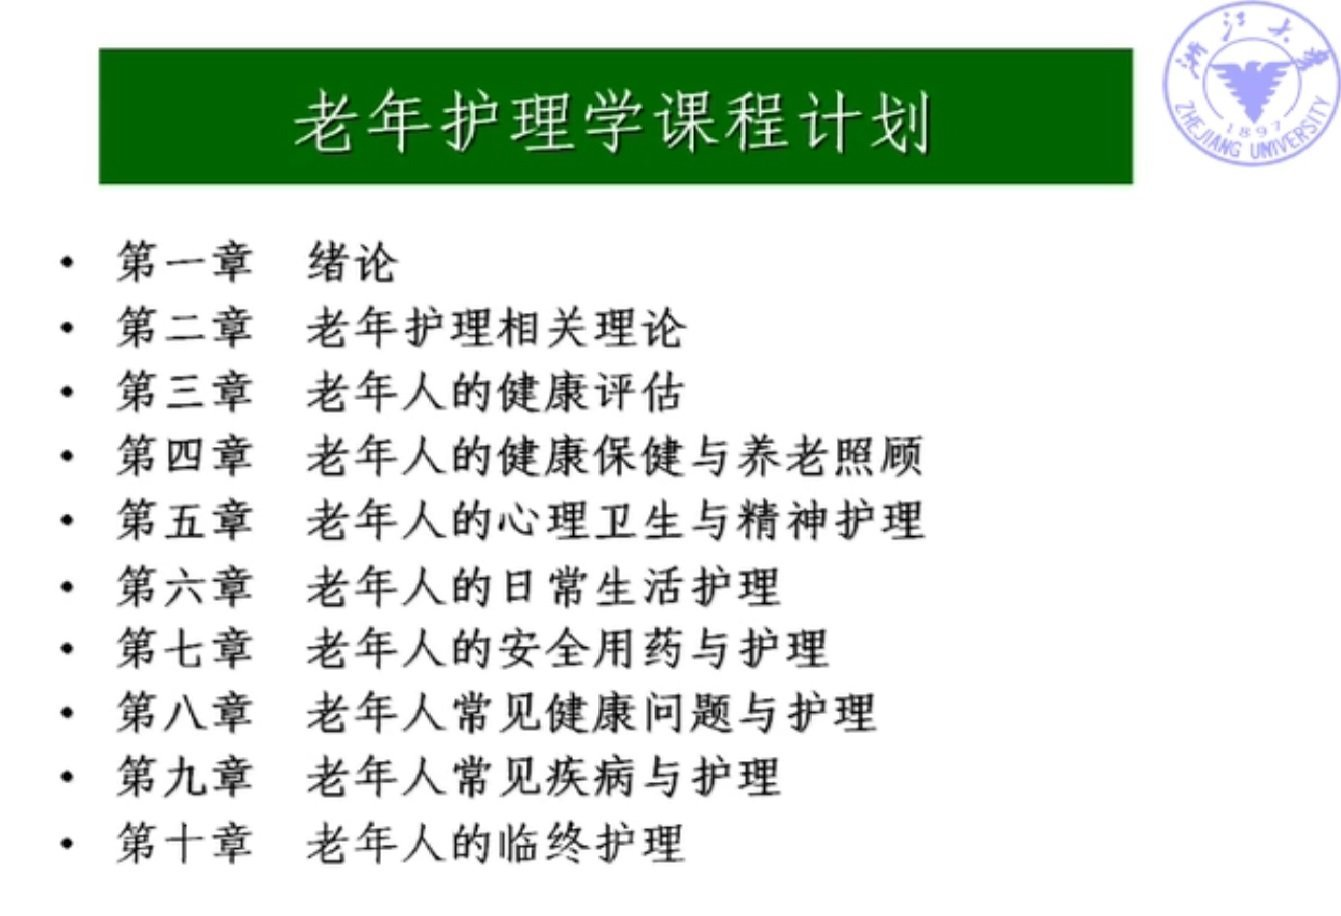 【9420-5083】老年護理學 教學影片(MP4檔案格式) - ( 24 堂課 ) 330 元 !